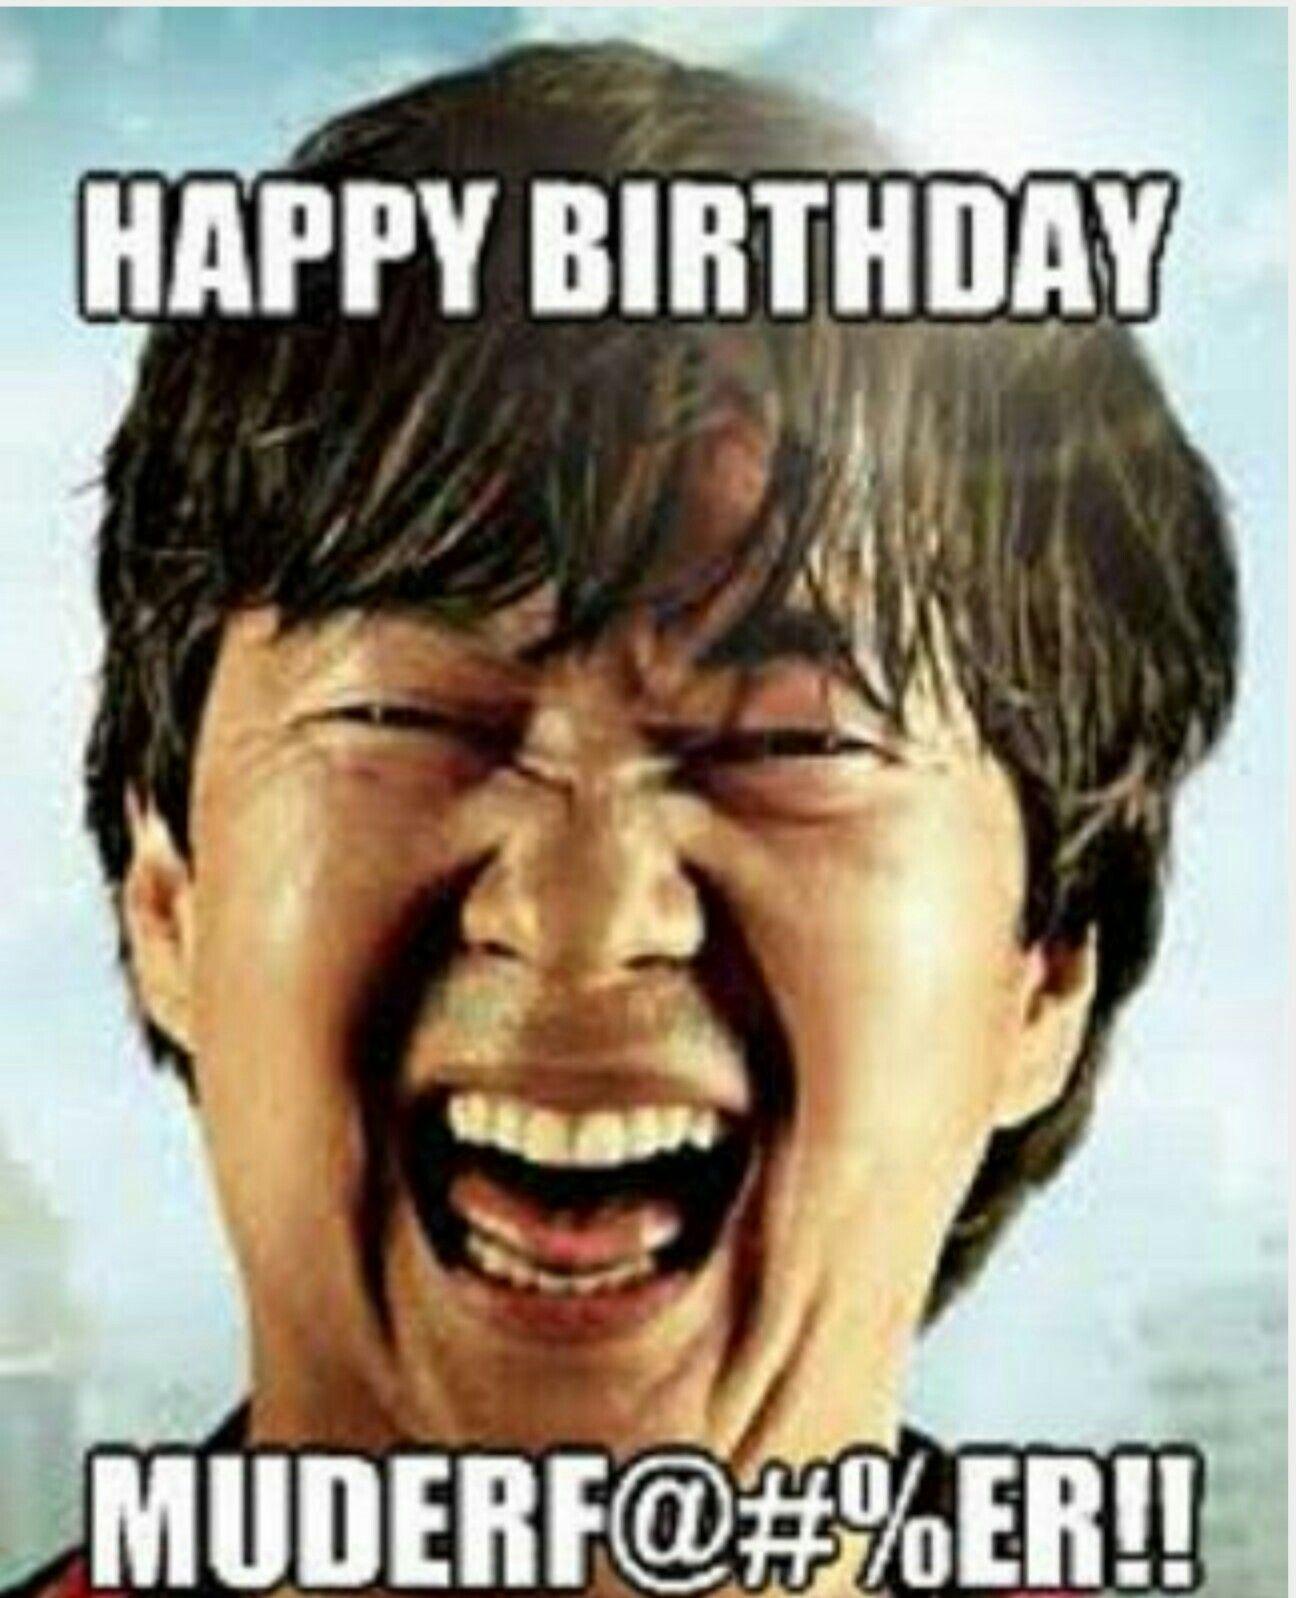 70a391473e46cb38ffd02f6026c97ca7 pin by alyson turco on happy birthday pinterest happy birthday